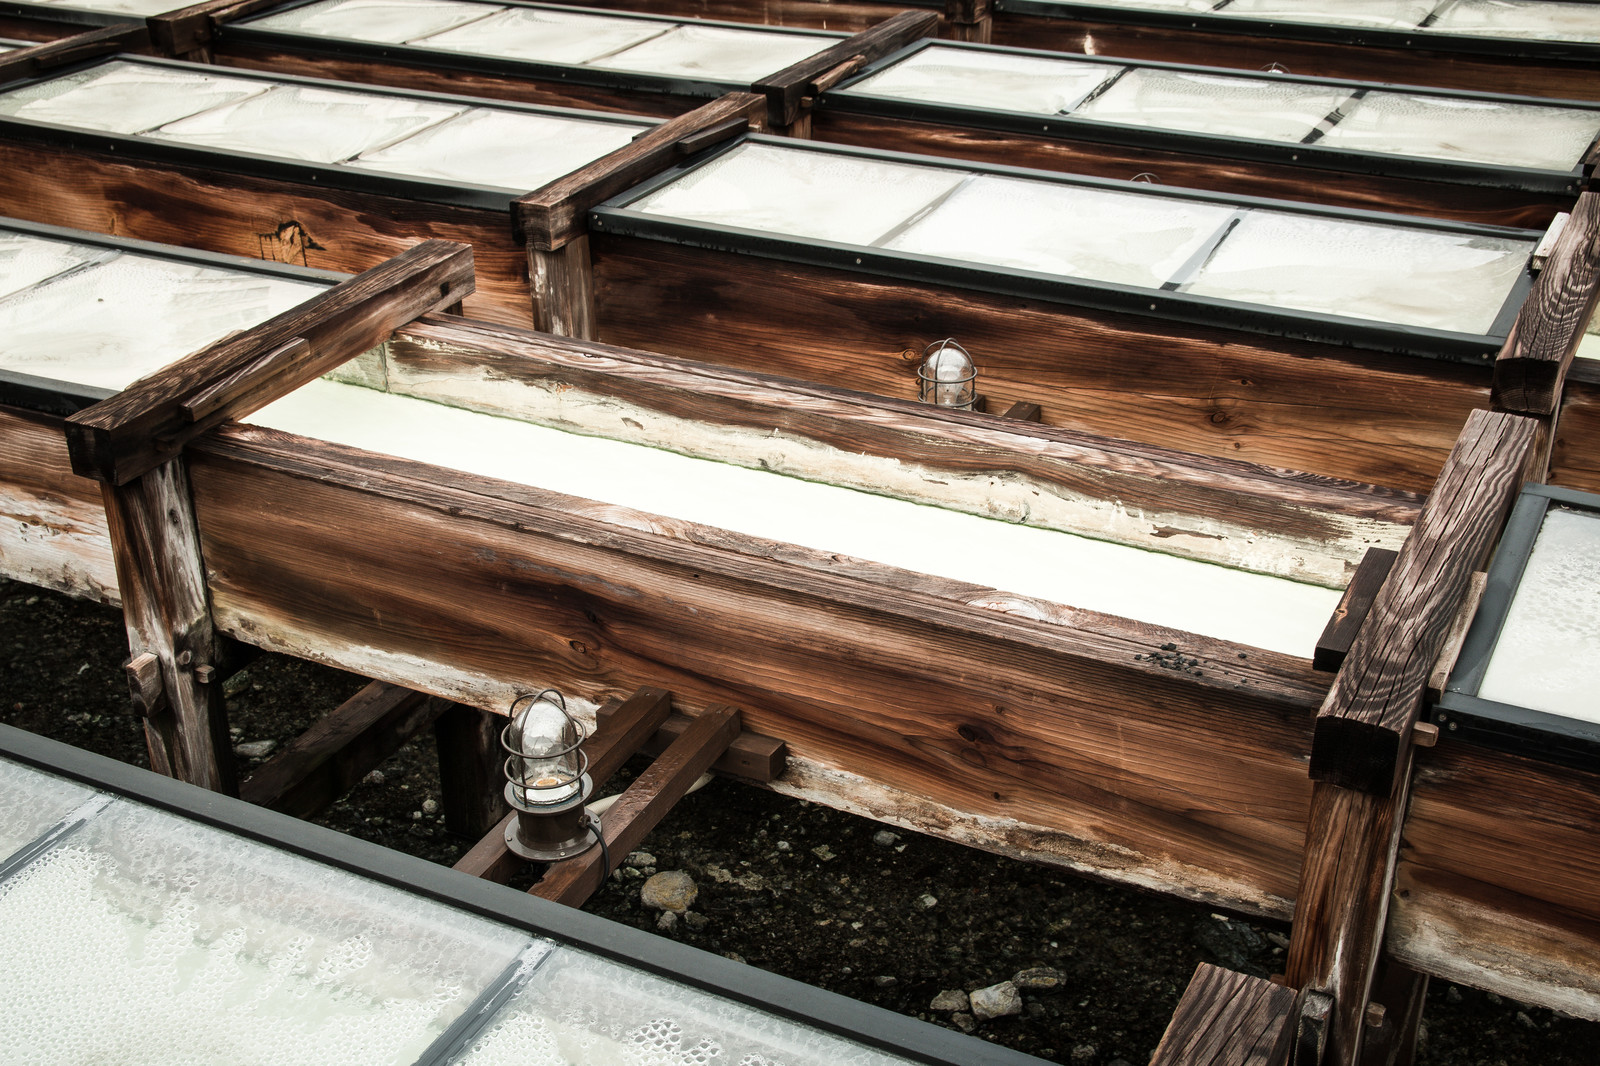 「湯畑の木の樋湯畑の木の樋」のフリー写真素材を拡大